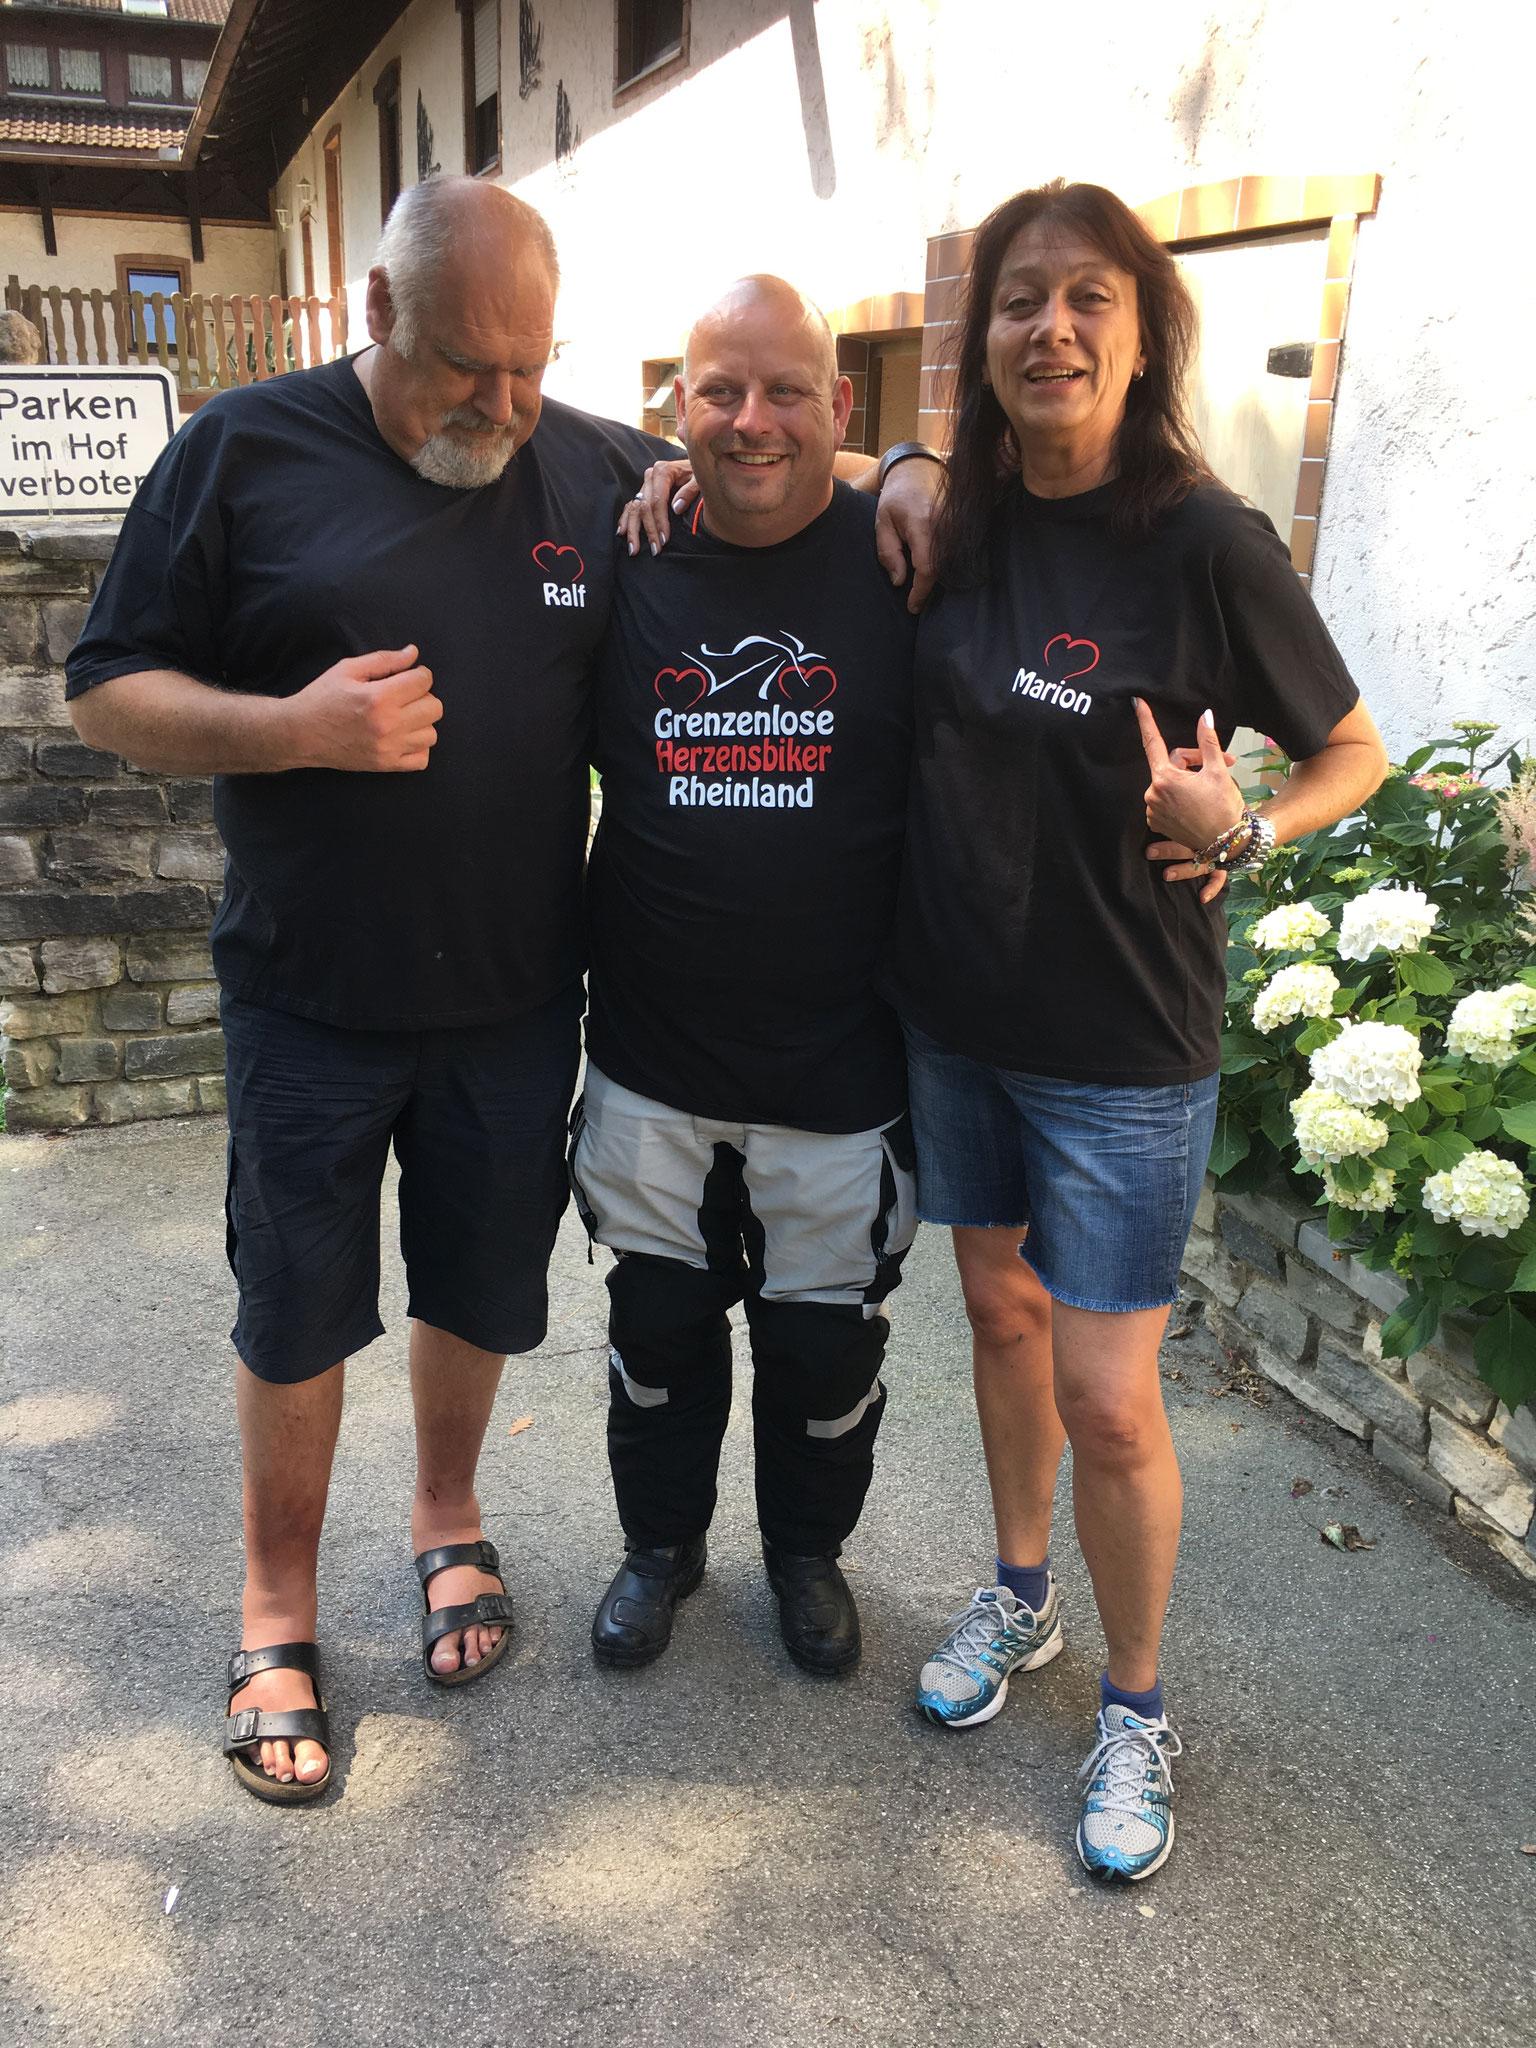 Ehrenmitglieder Herzensbiker, Ralf G. Schöner und Marion Springmann